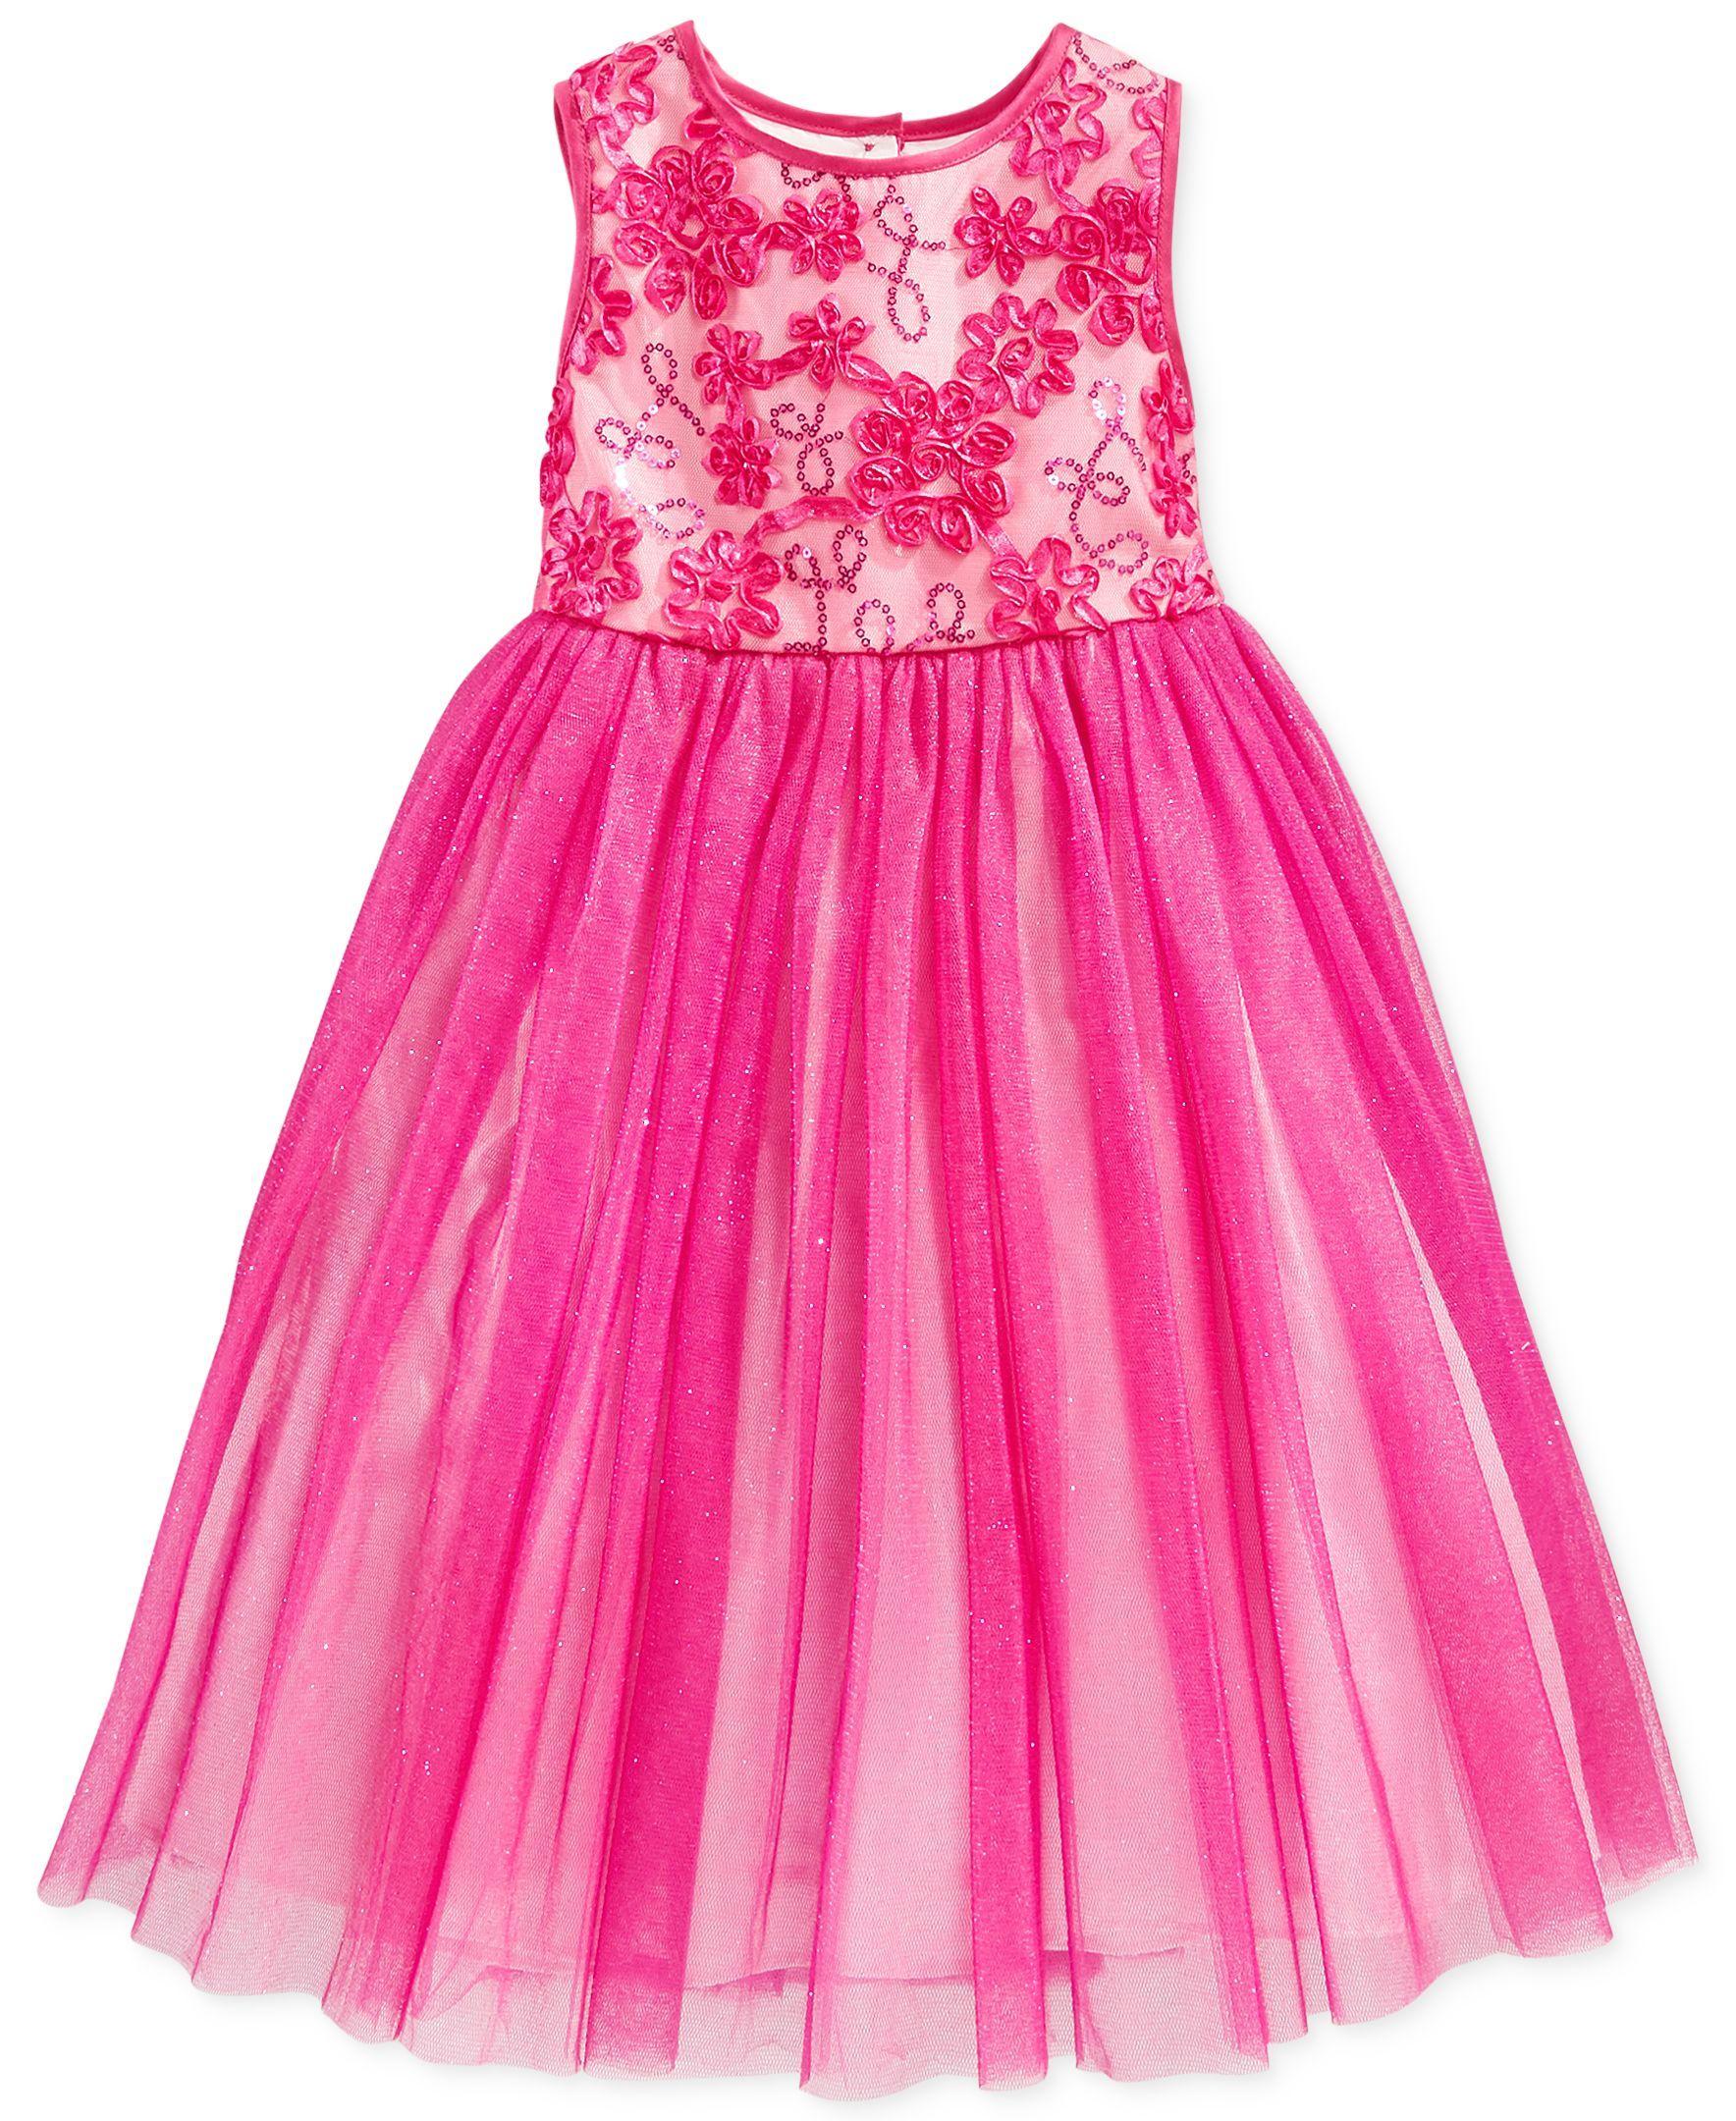 Marmellata Little Girls Soutache Ballerina Dress